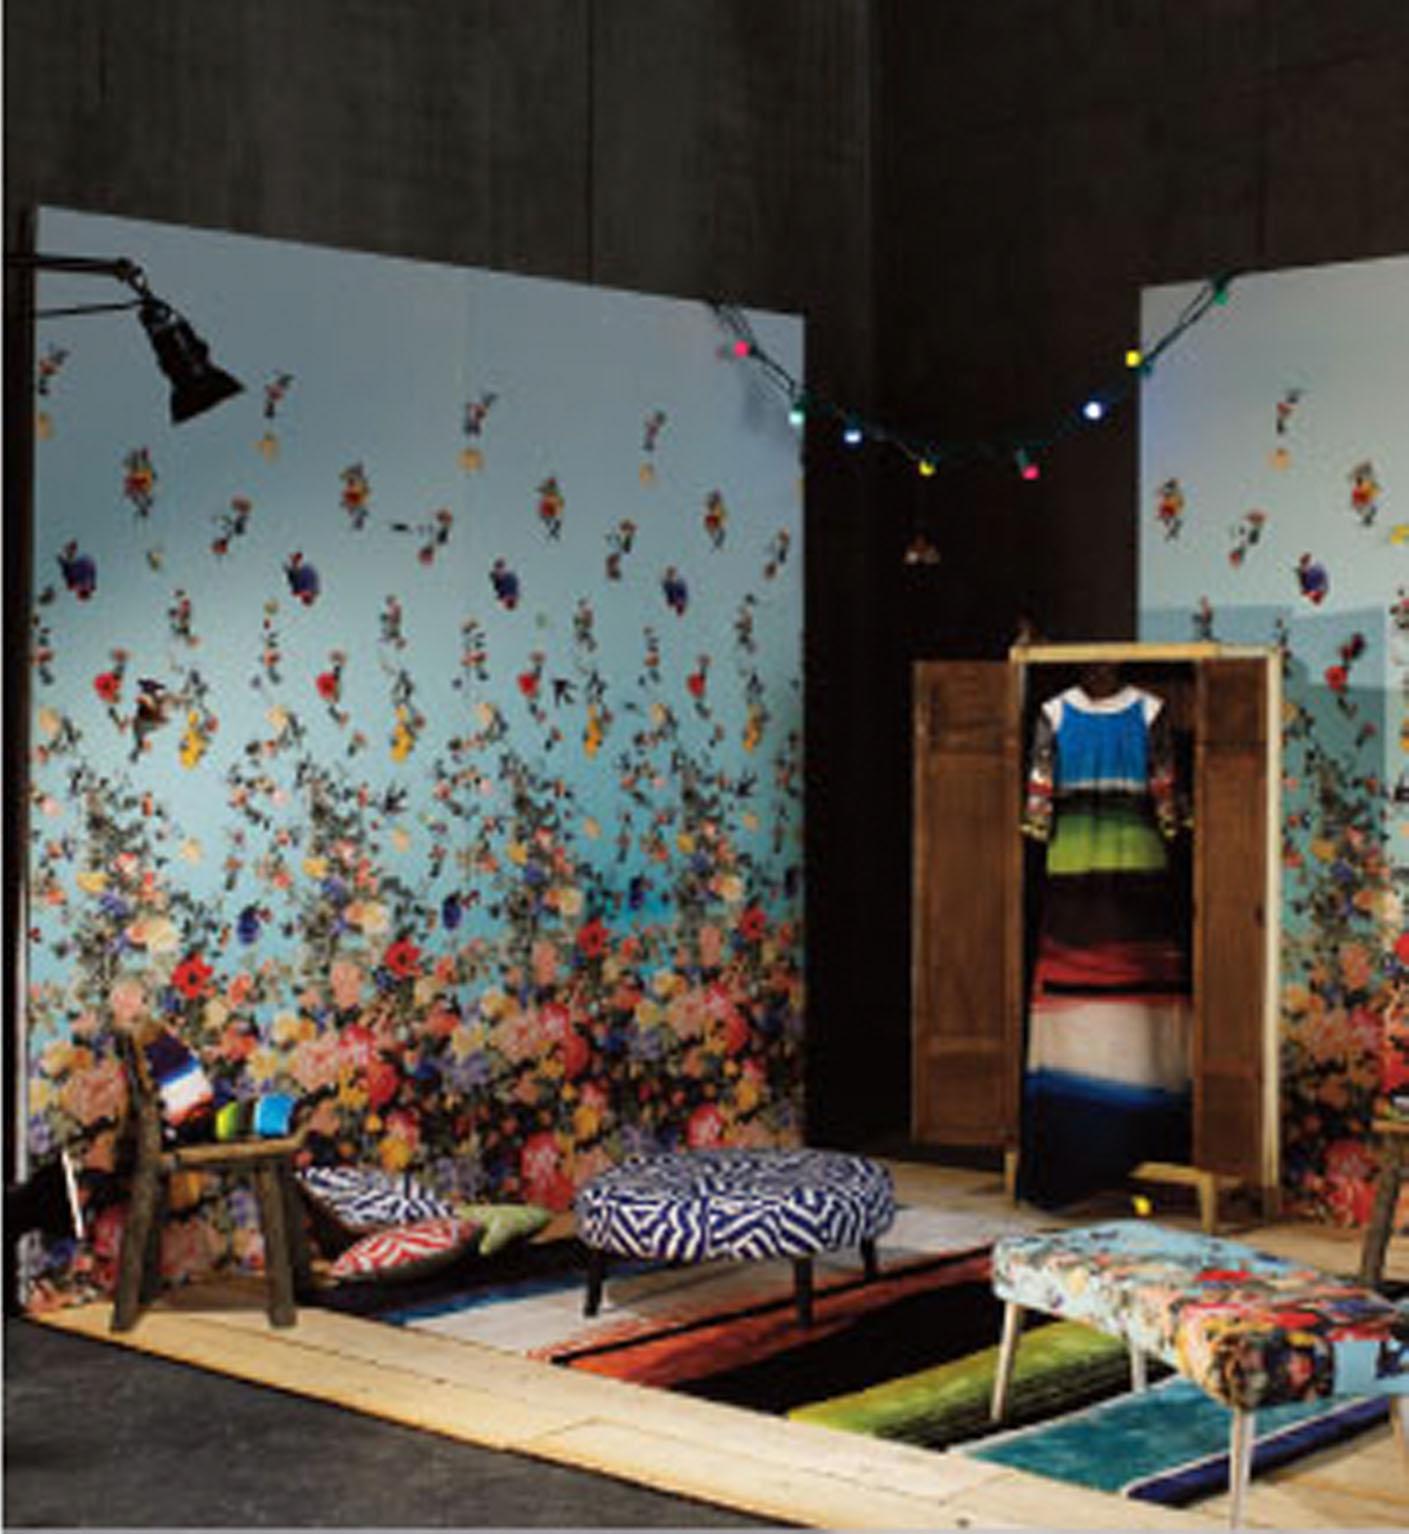 Hd Wallpapers Hd 110208